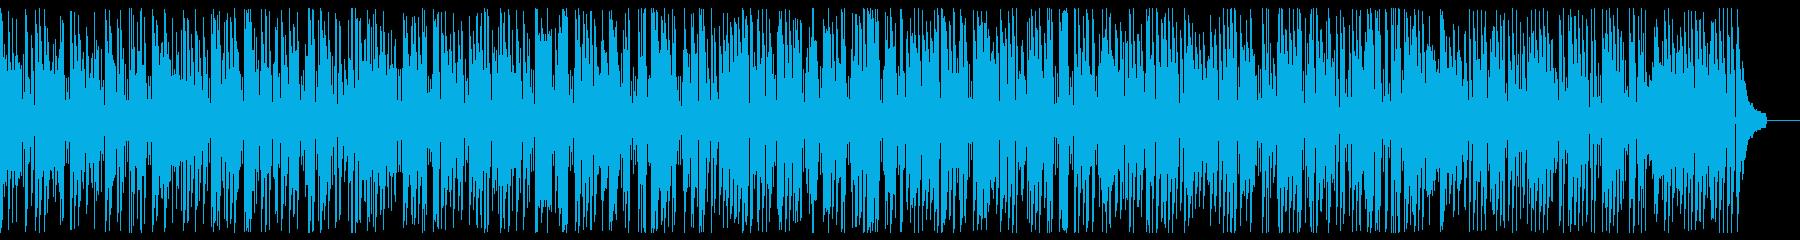 悲しげで美しい暗い ジャズピアノBGMの再生済みの波形